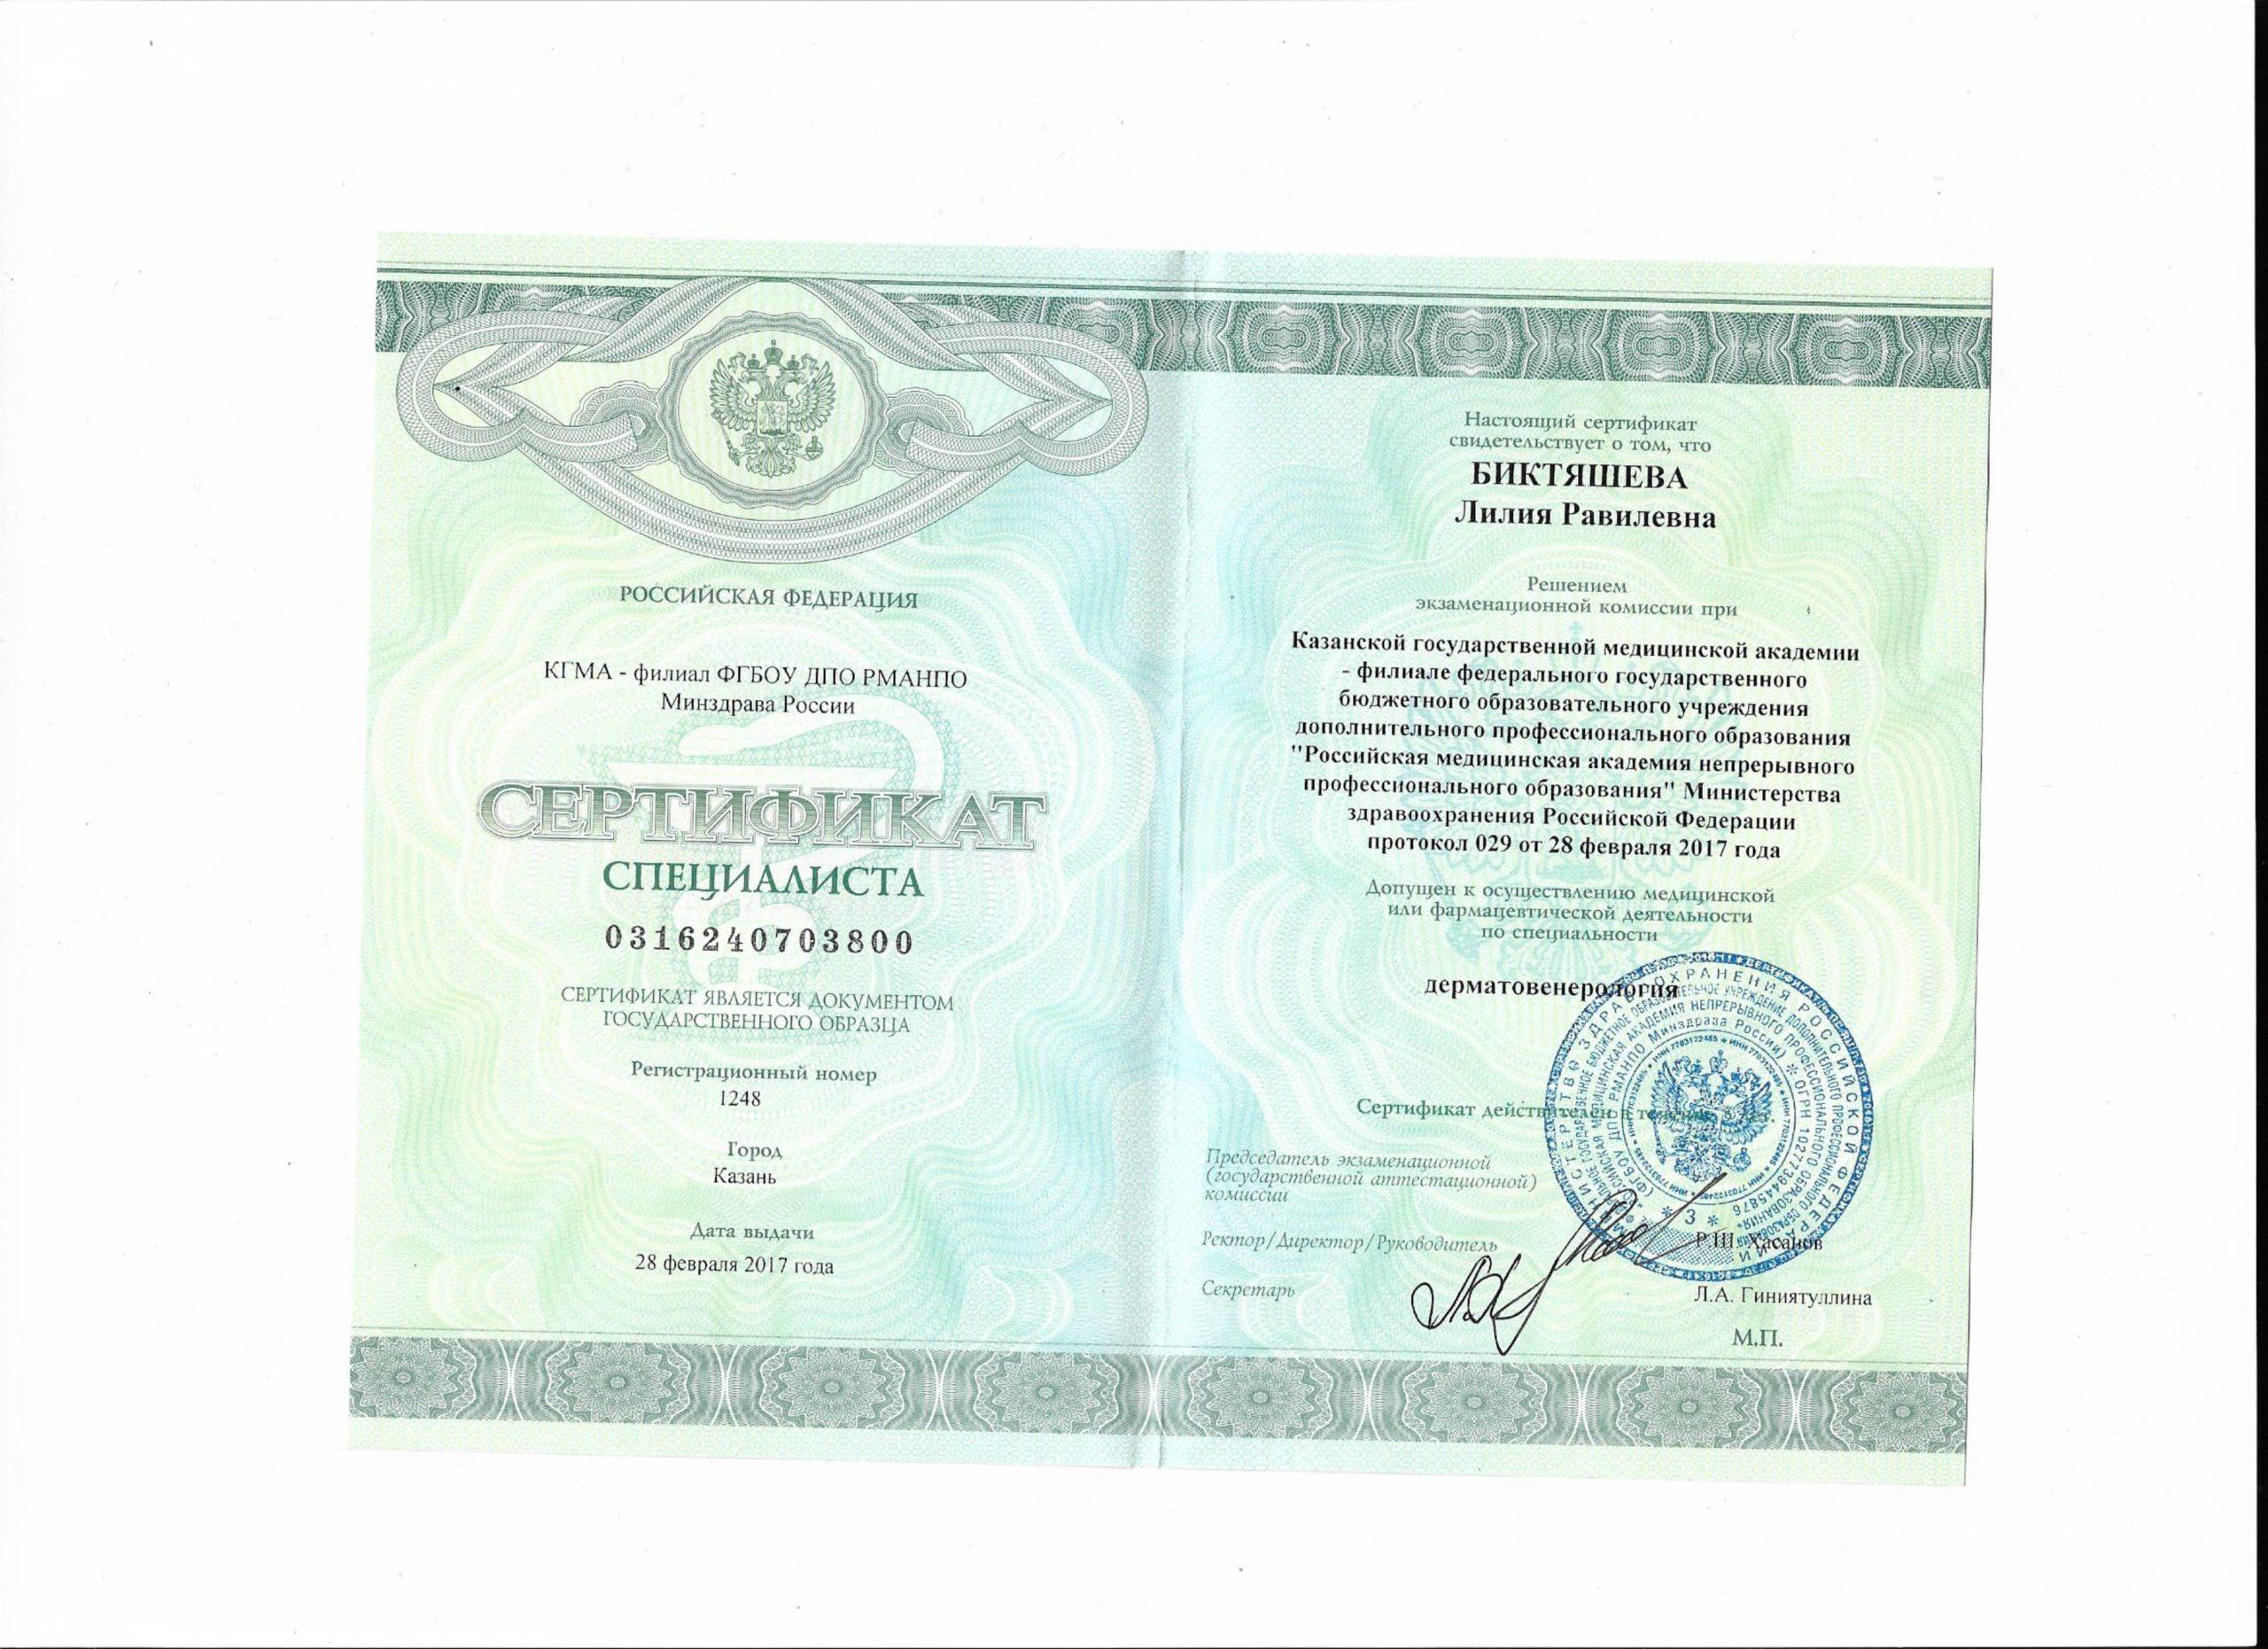 Сертификат специалиста 28 февраля 2017 г.